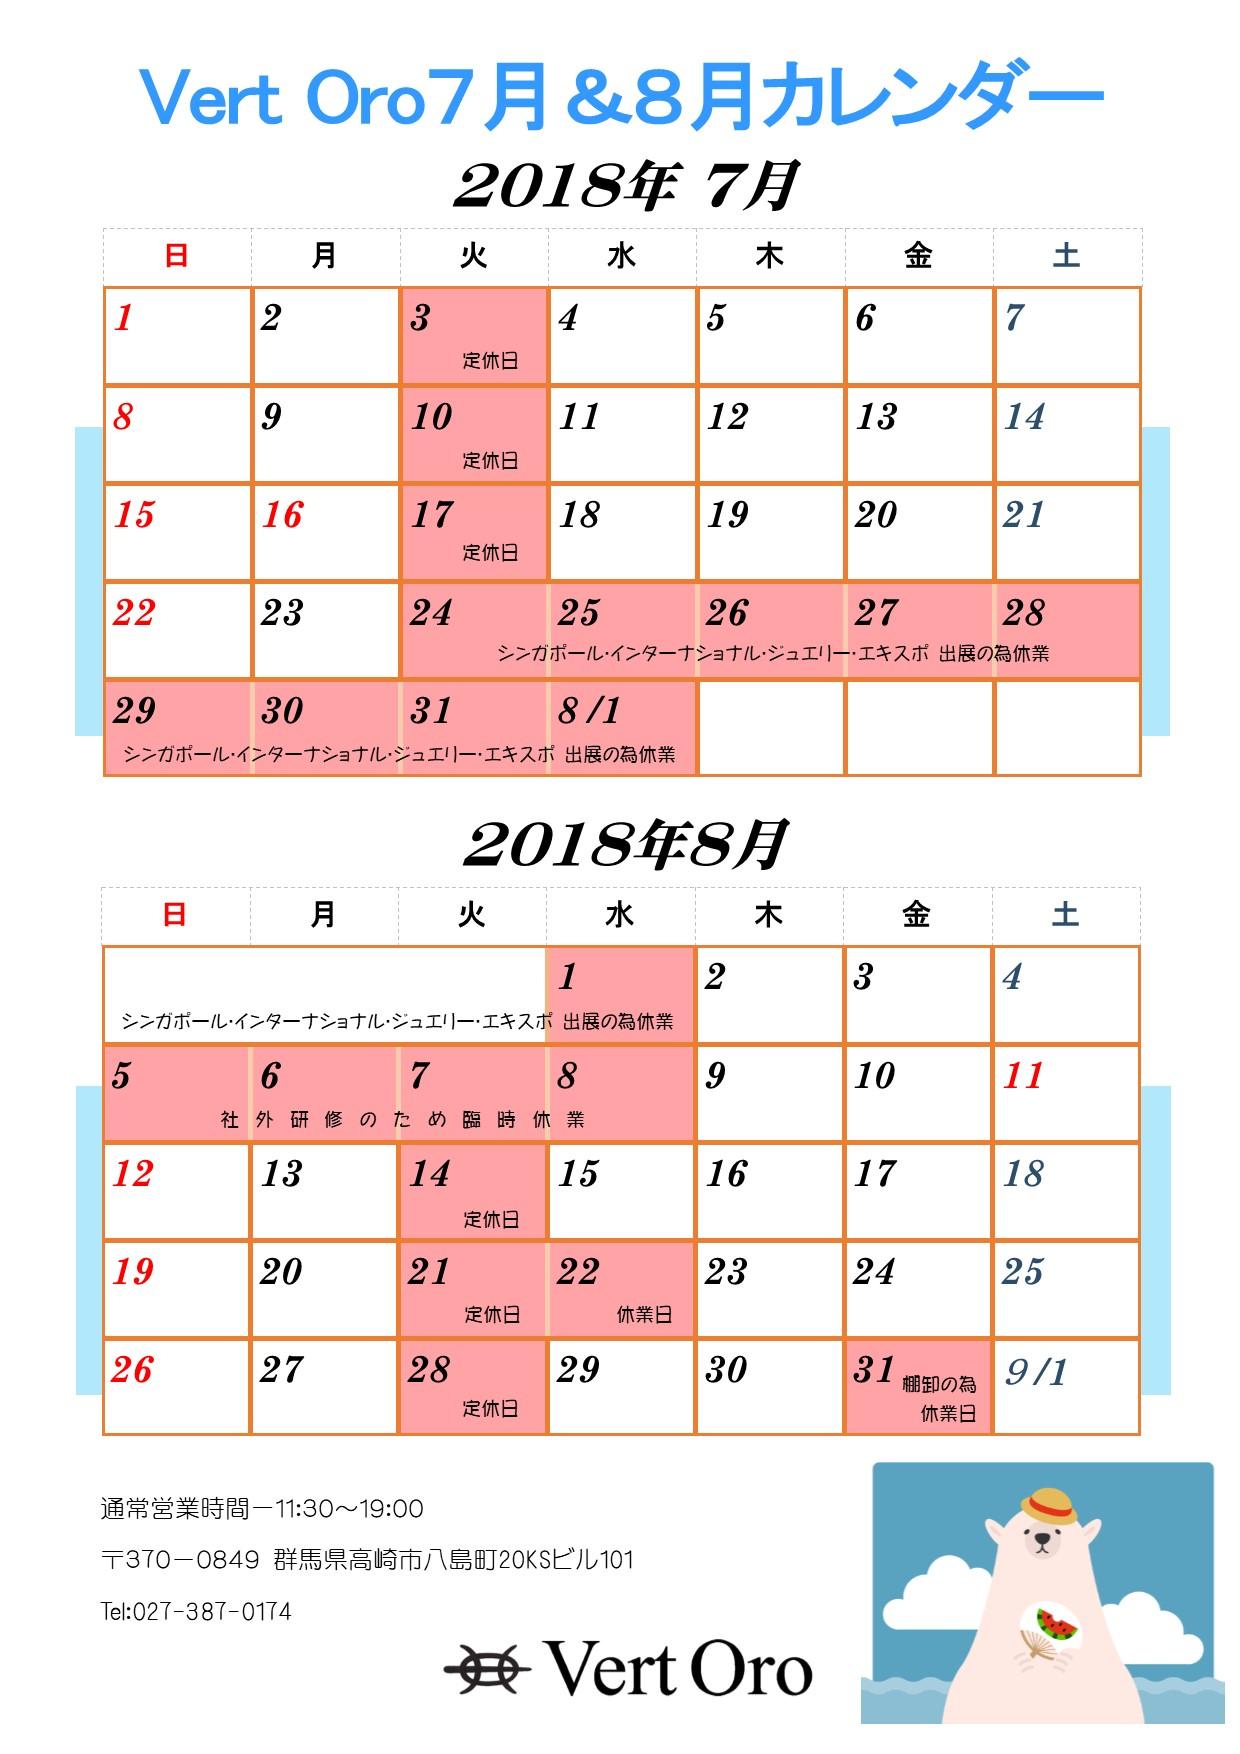 2018年7月8月Vert Oroカレンダー